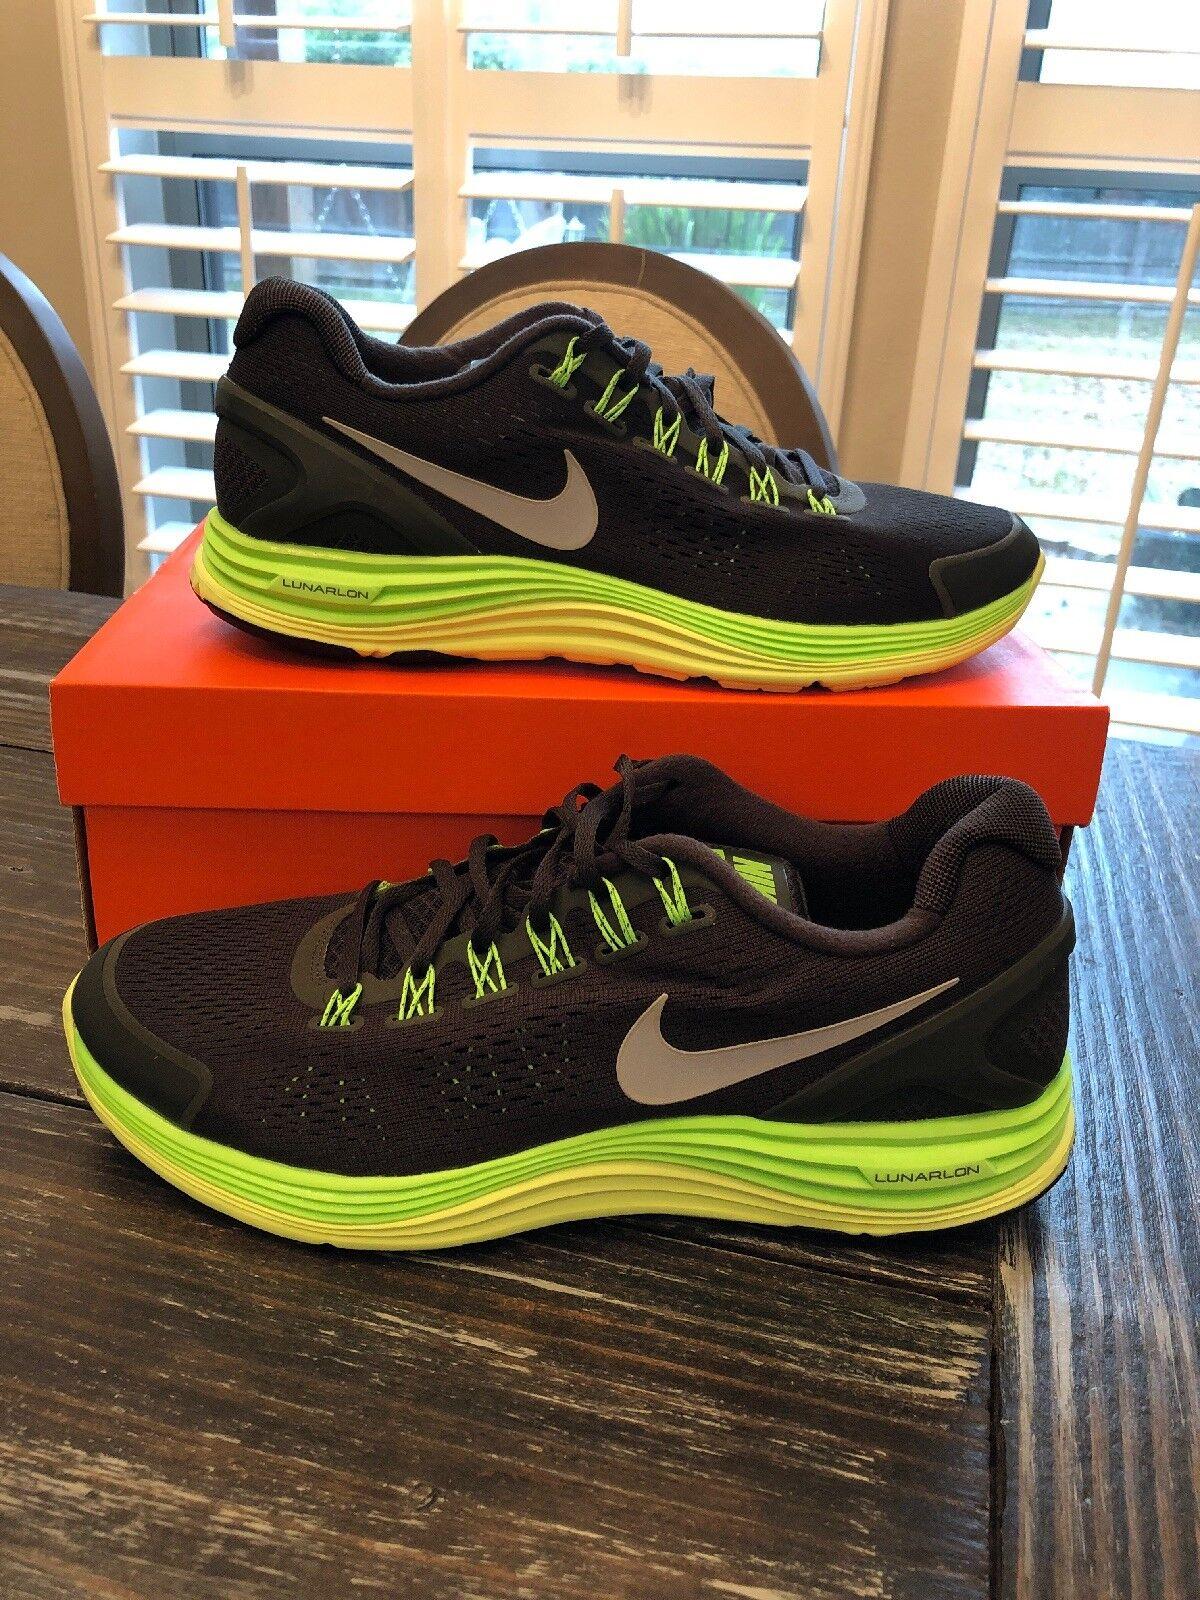 Nike LunarGlide+ 4 OG Black&Lime Green  Size 10 Vintage Nike shoes